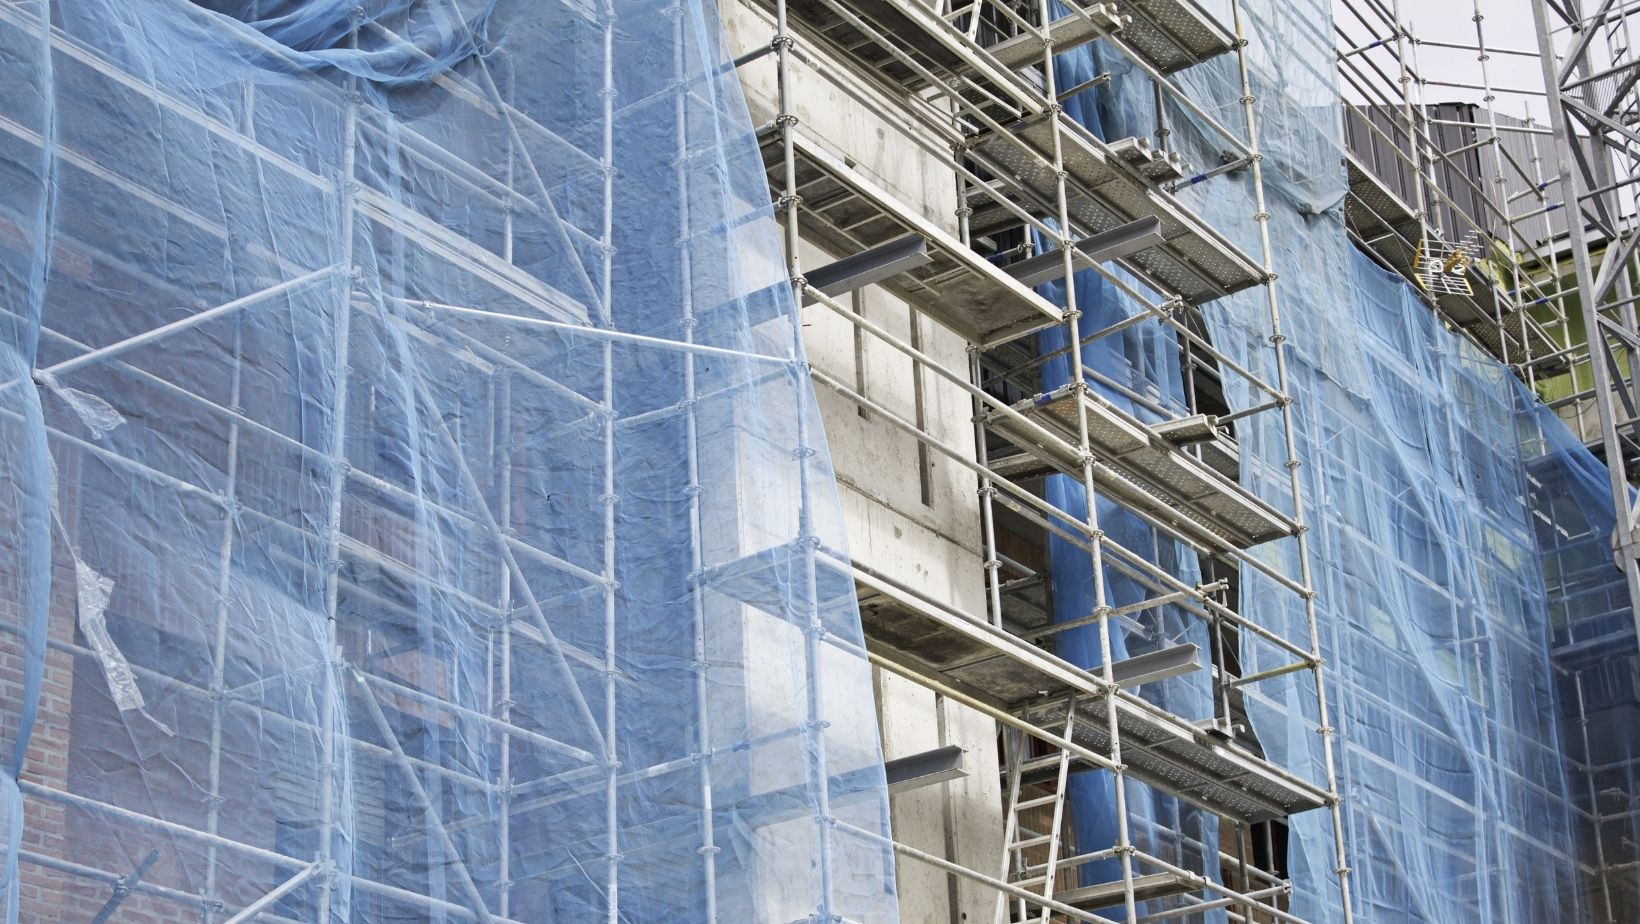 importancia de la rehabilitación de edificios (1)